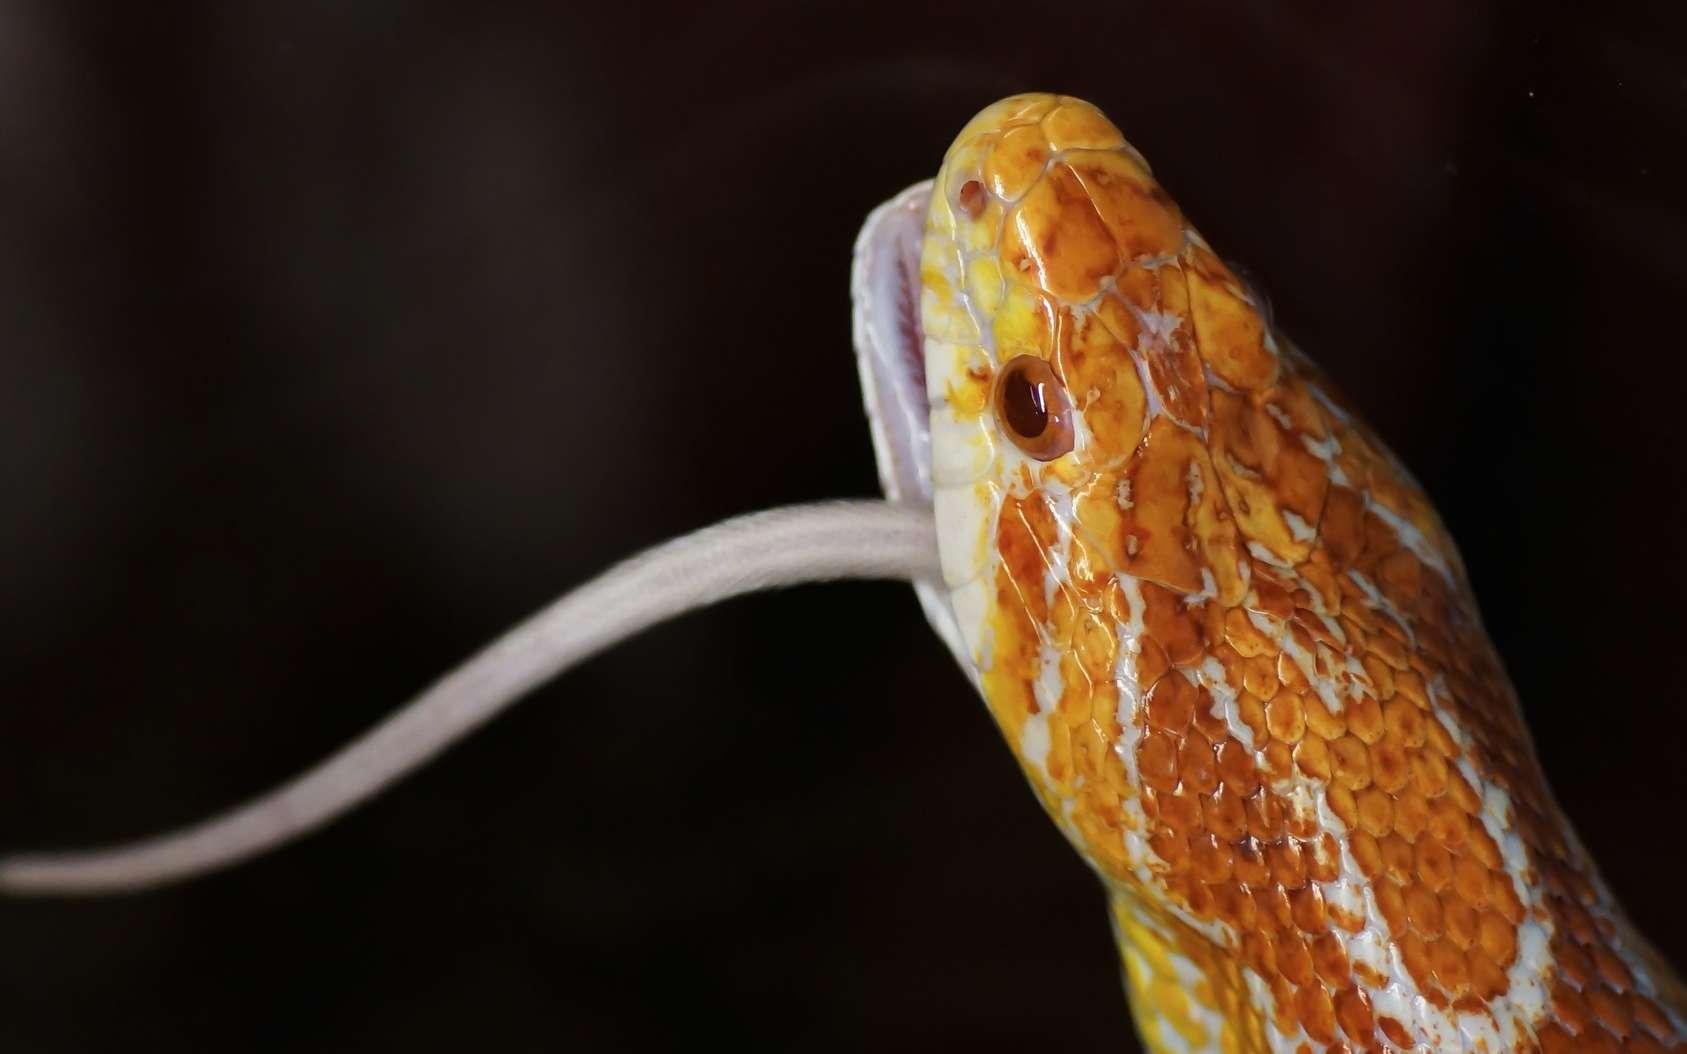 Les serpents avalent des rongeurs qui parfois portent des graines. Que deviennent les graines ? © allegra47, Fotolia